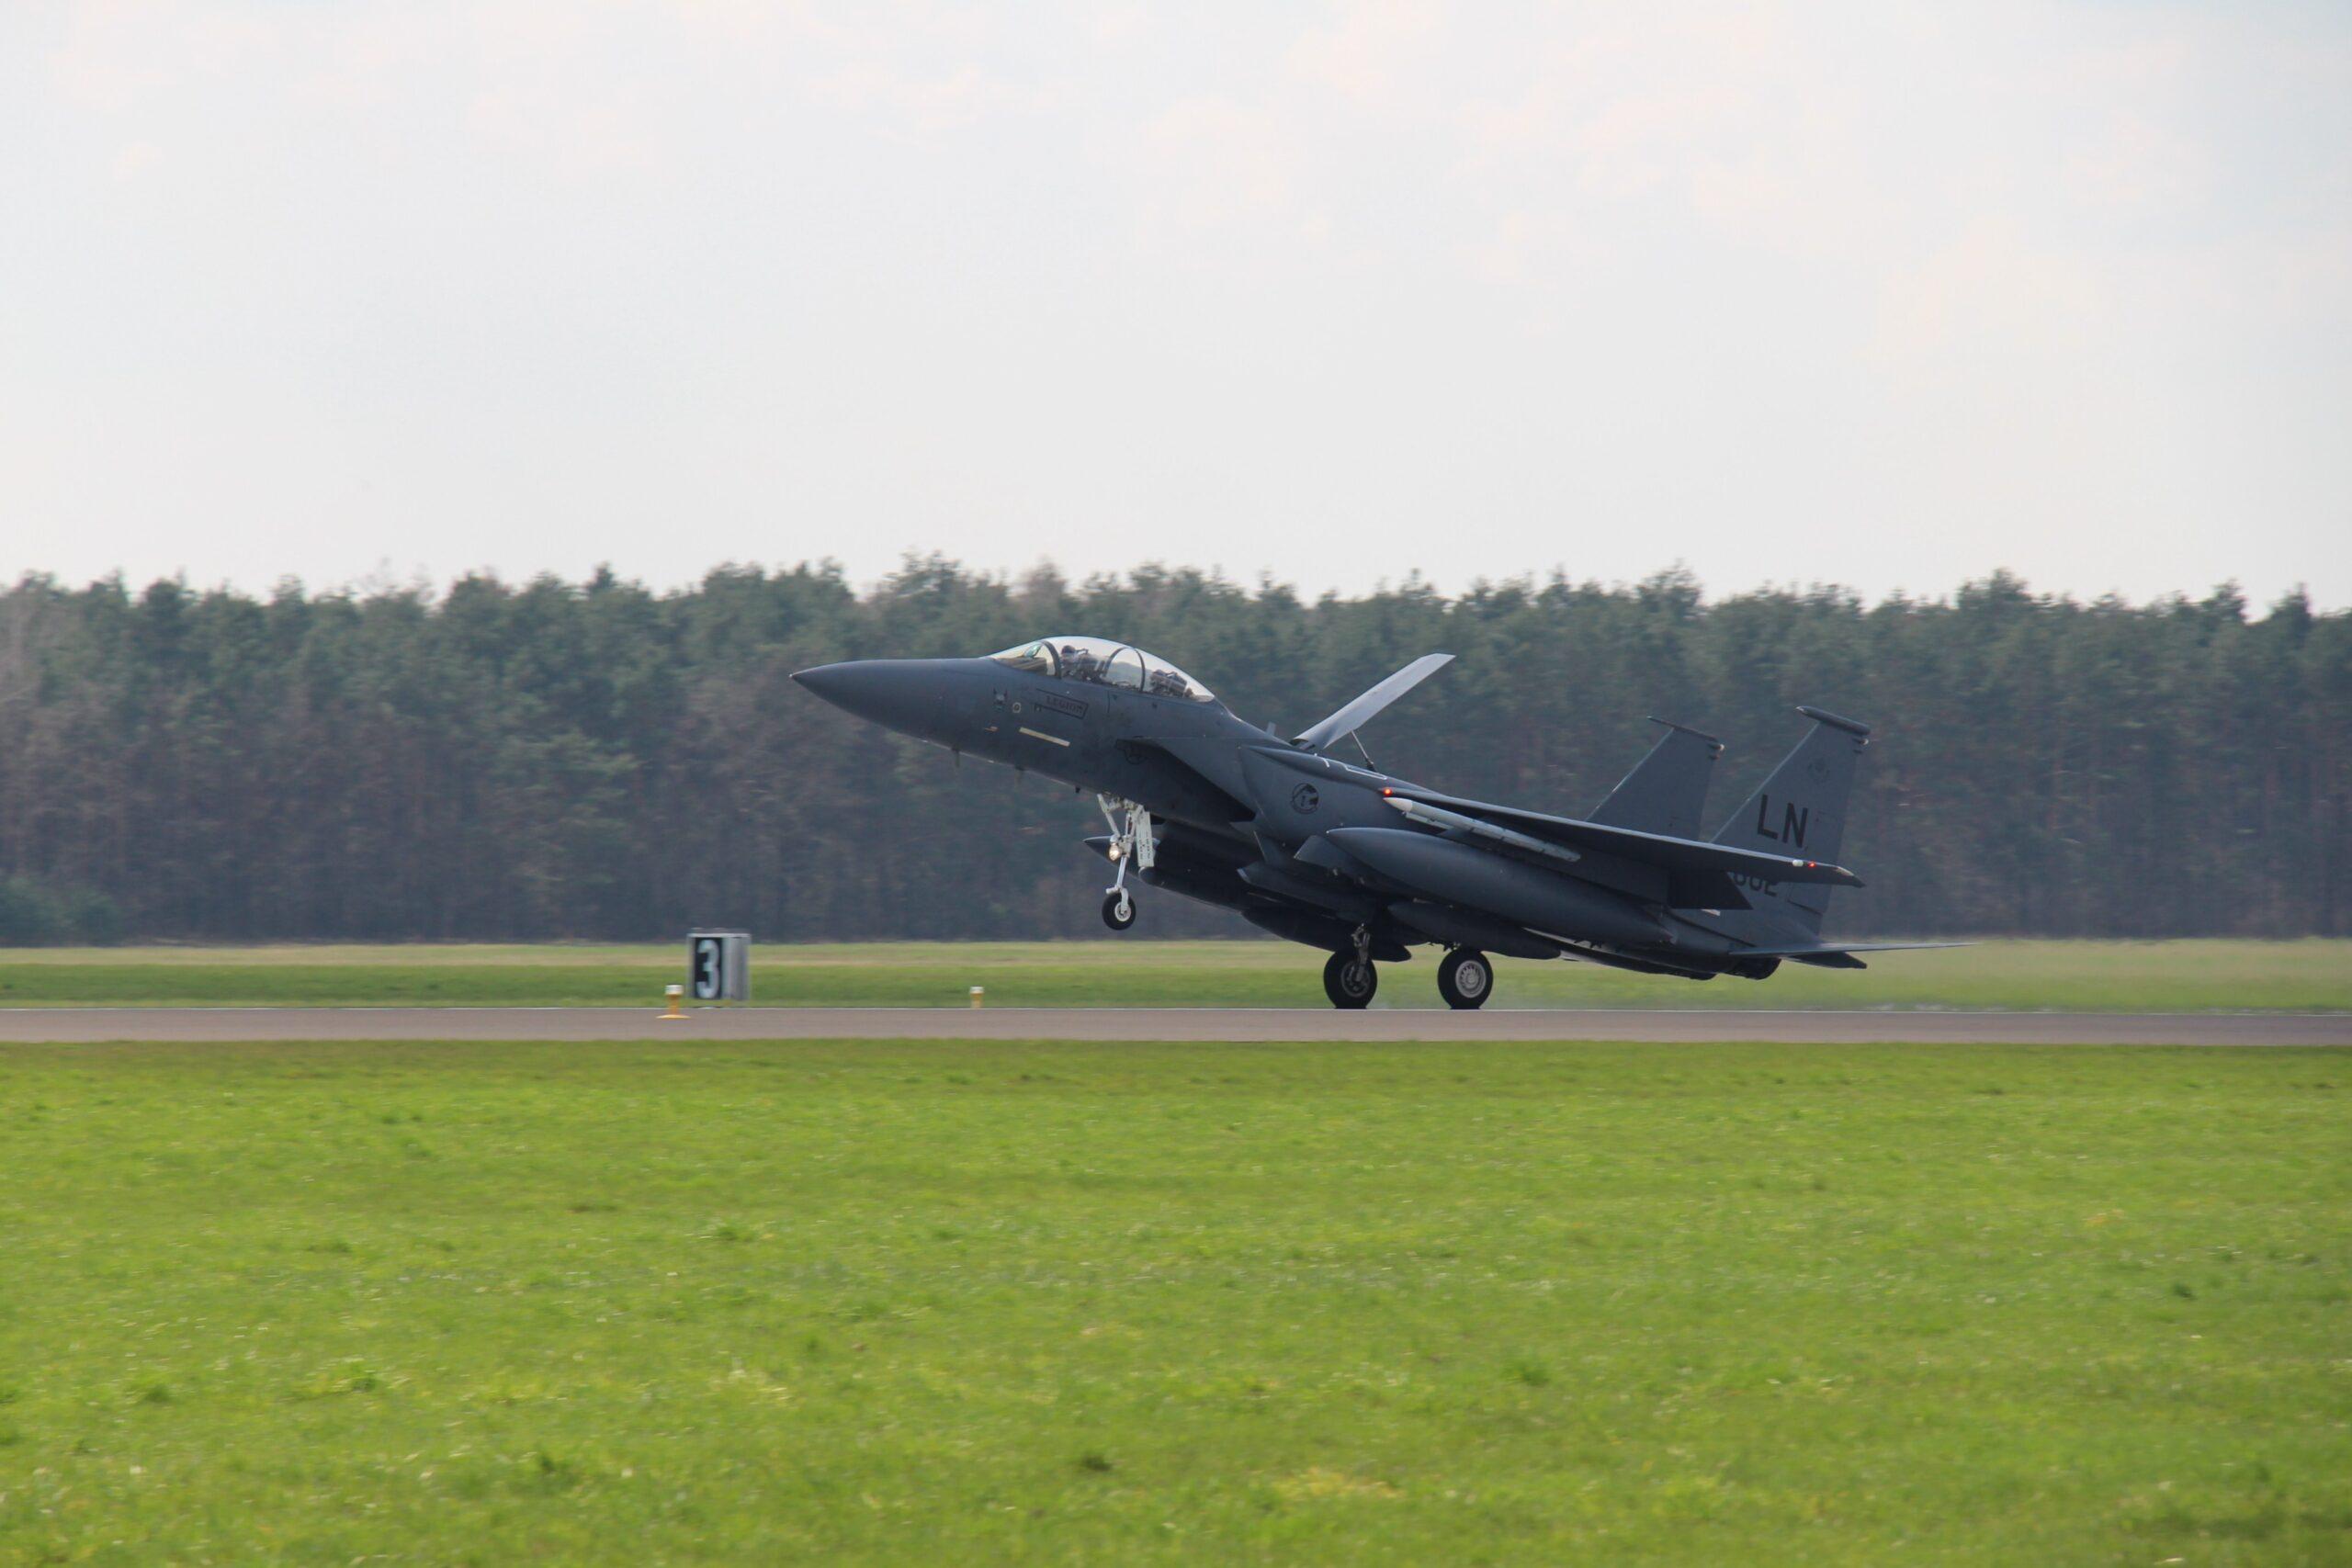 Польські винищувачі допомогли зупинити над Балтикою провокацію літаків РФ